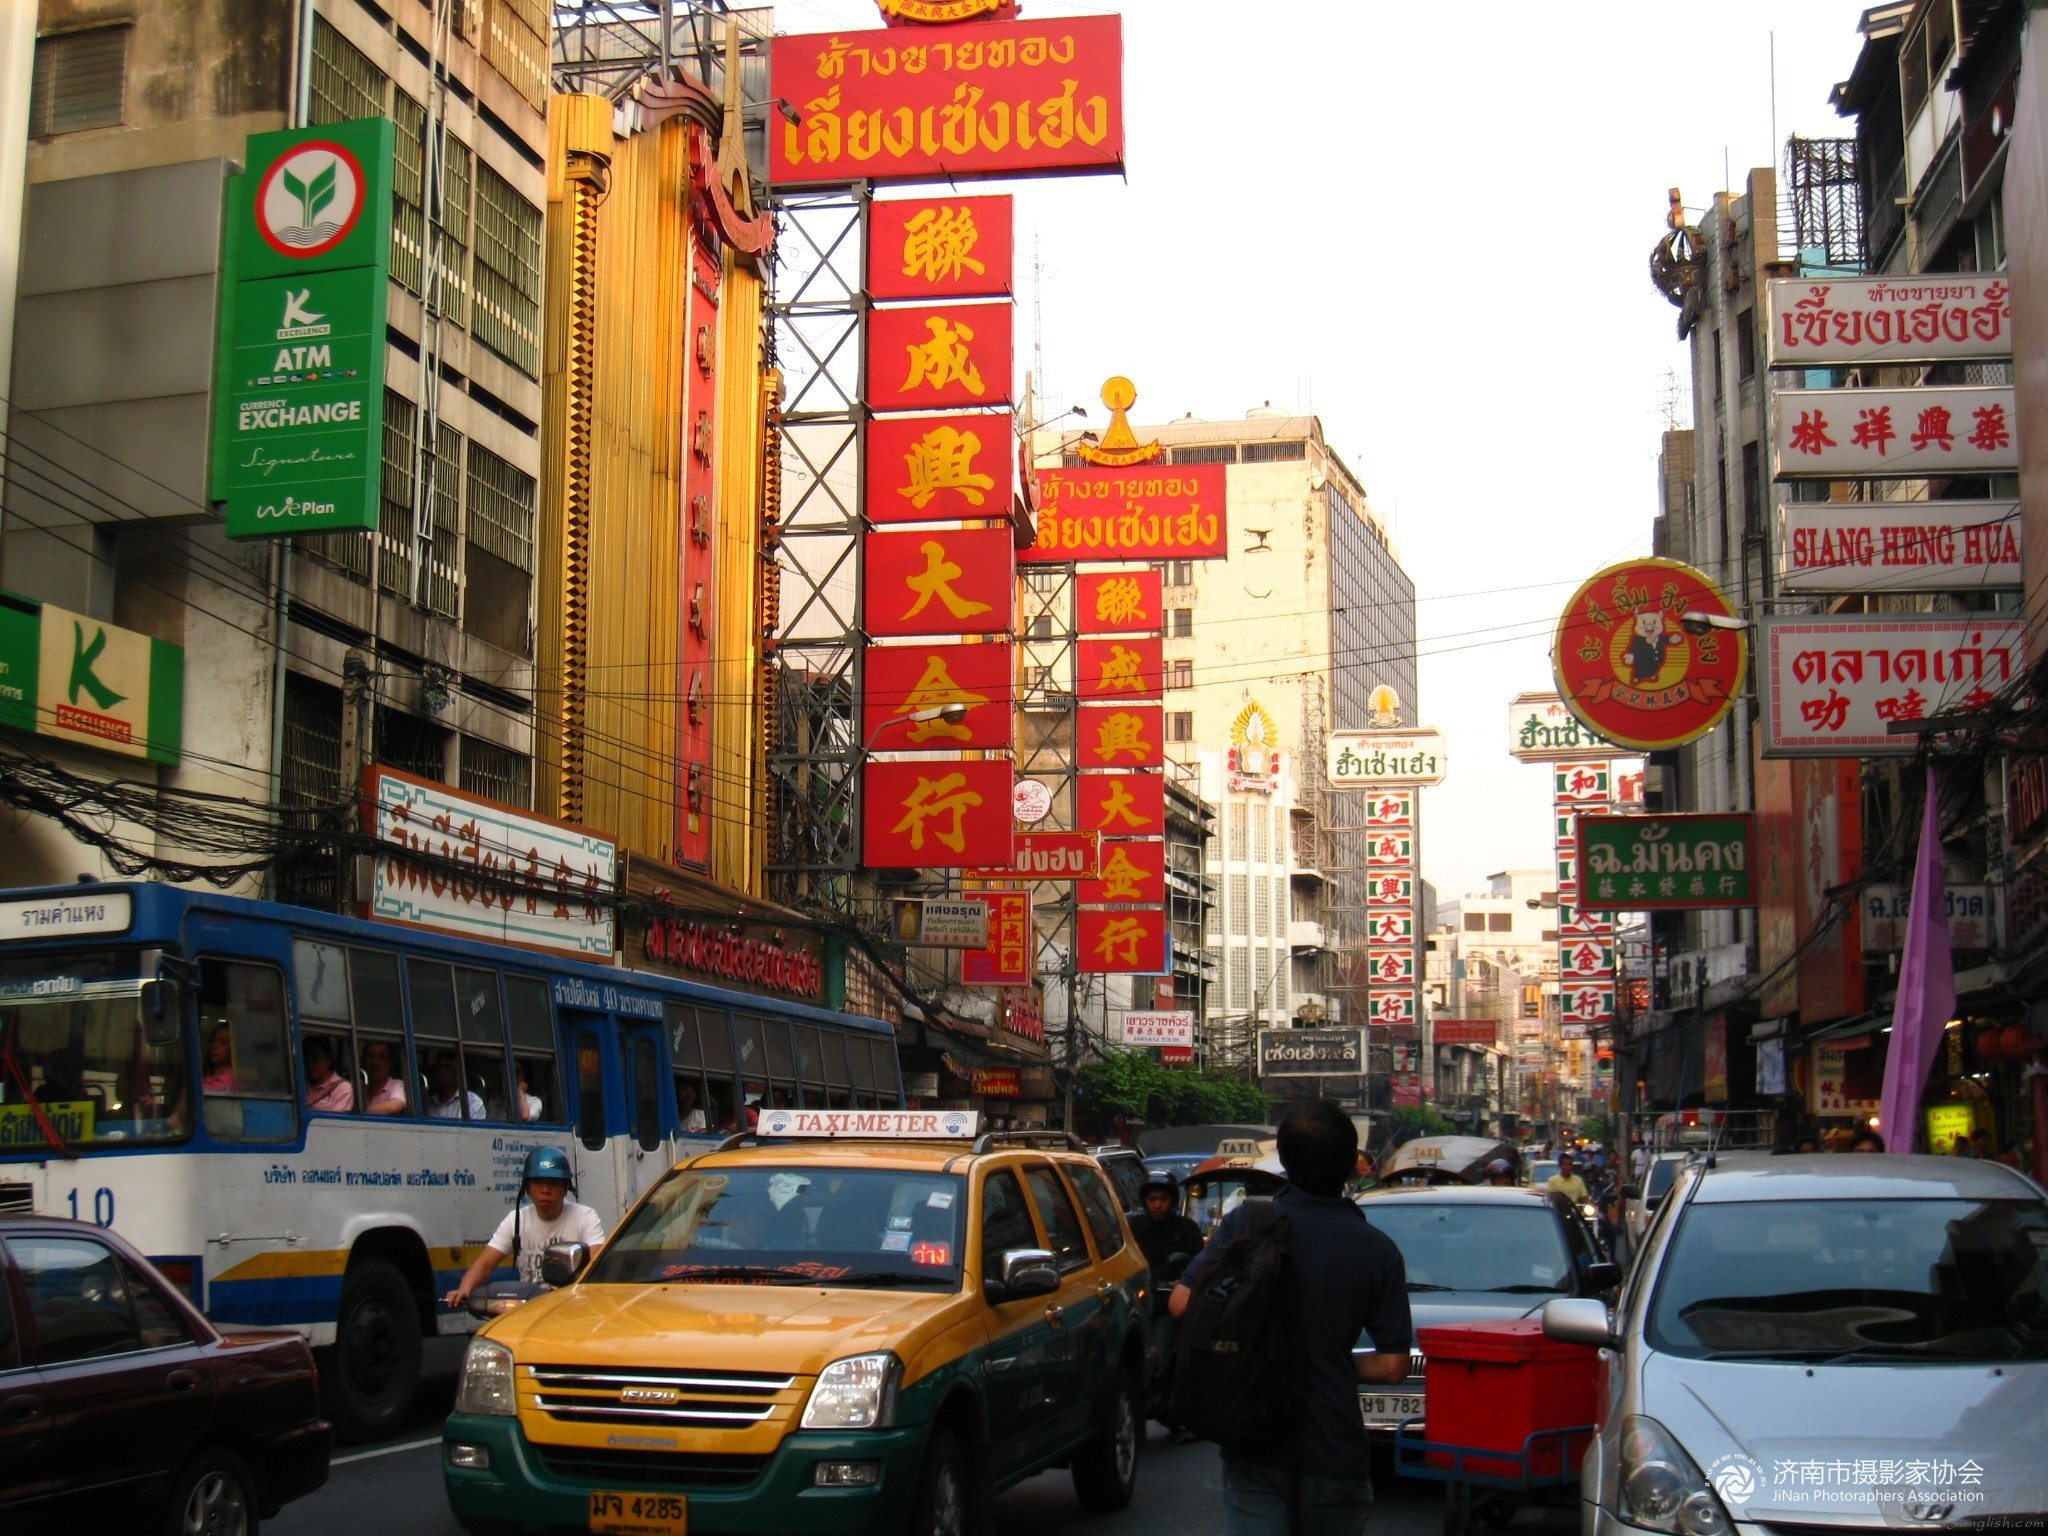 曼谷街景 - 长清区 - 齐鲁社区